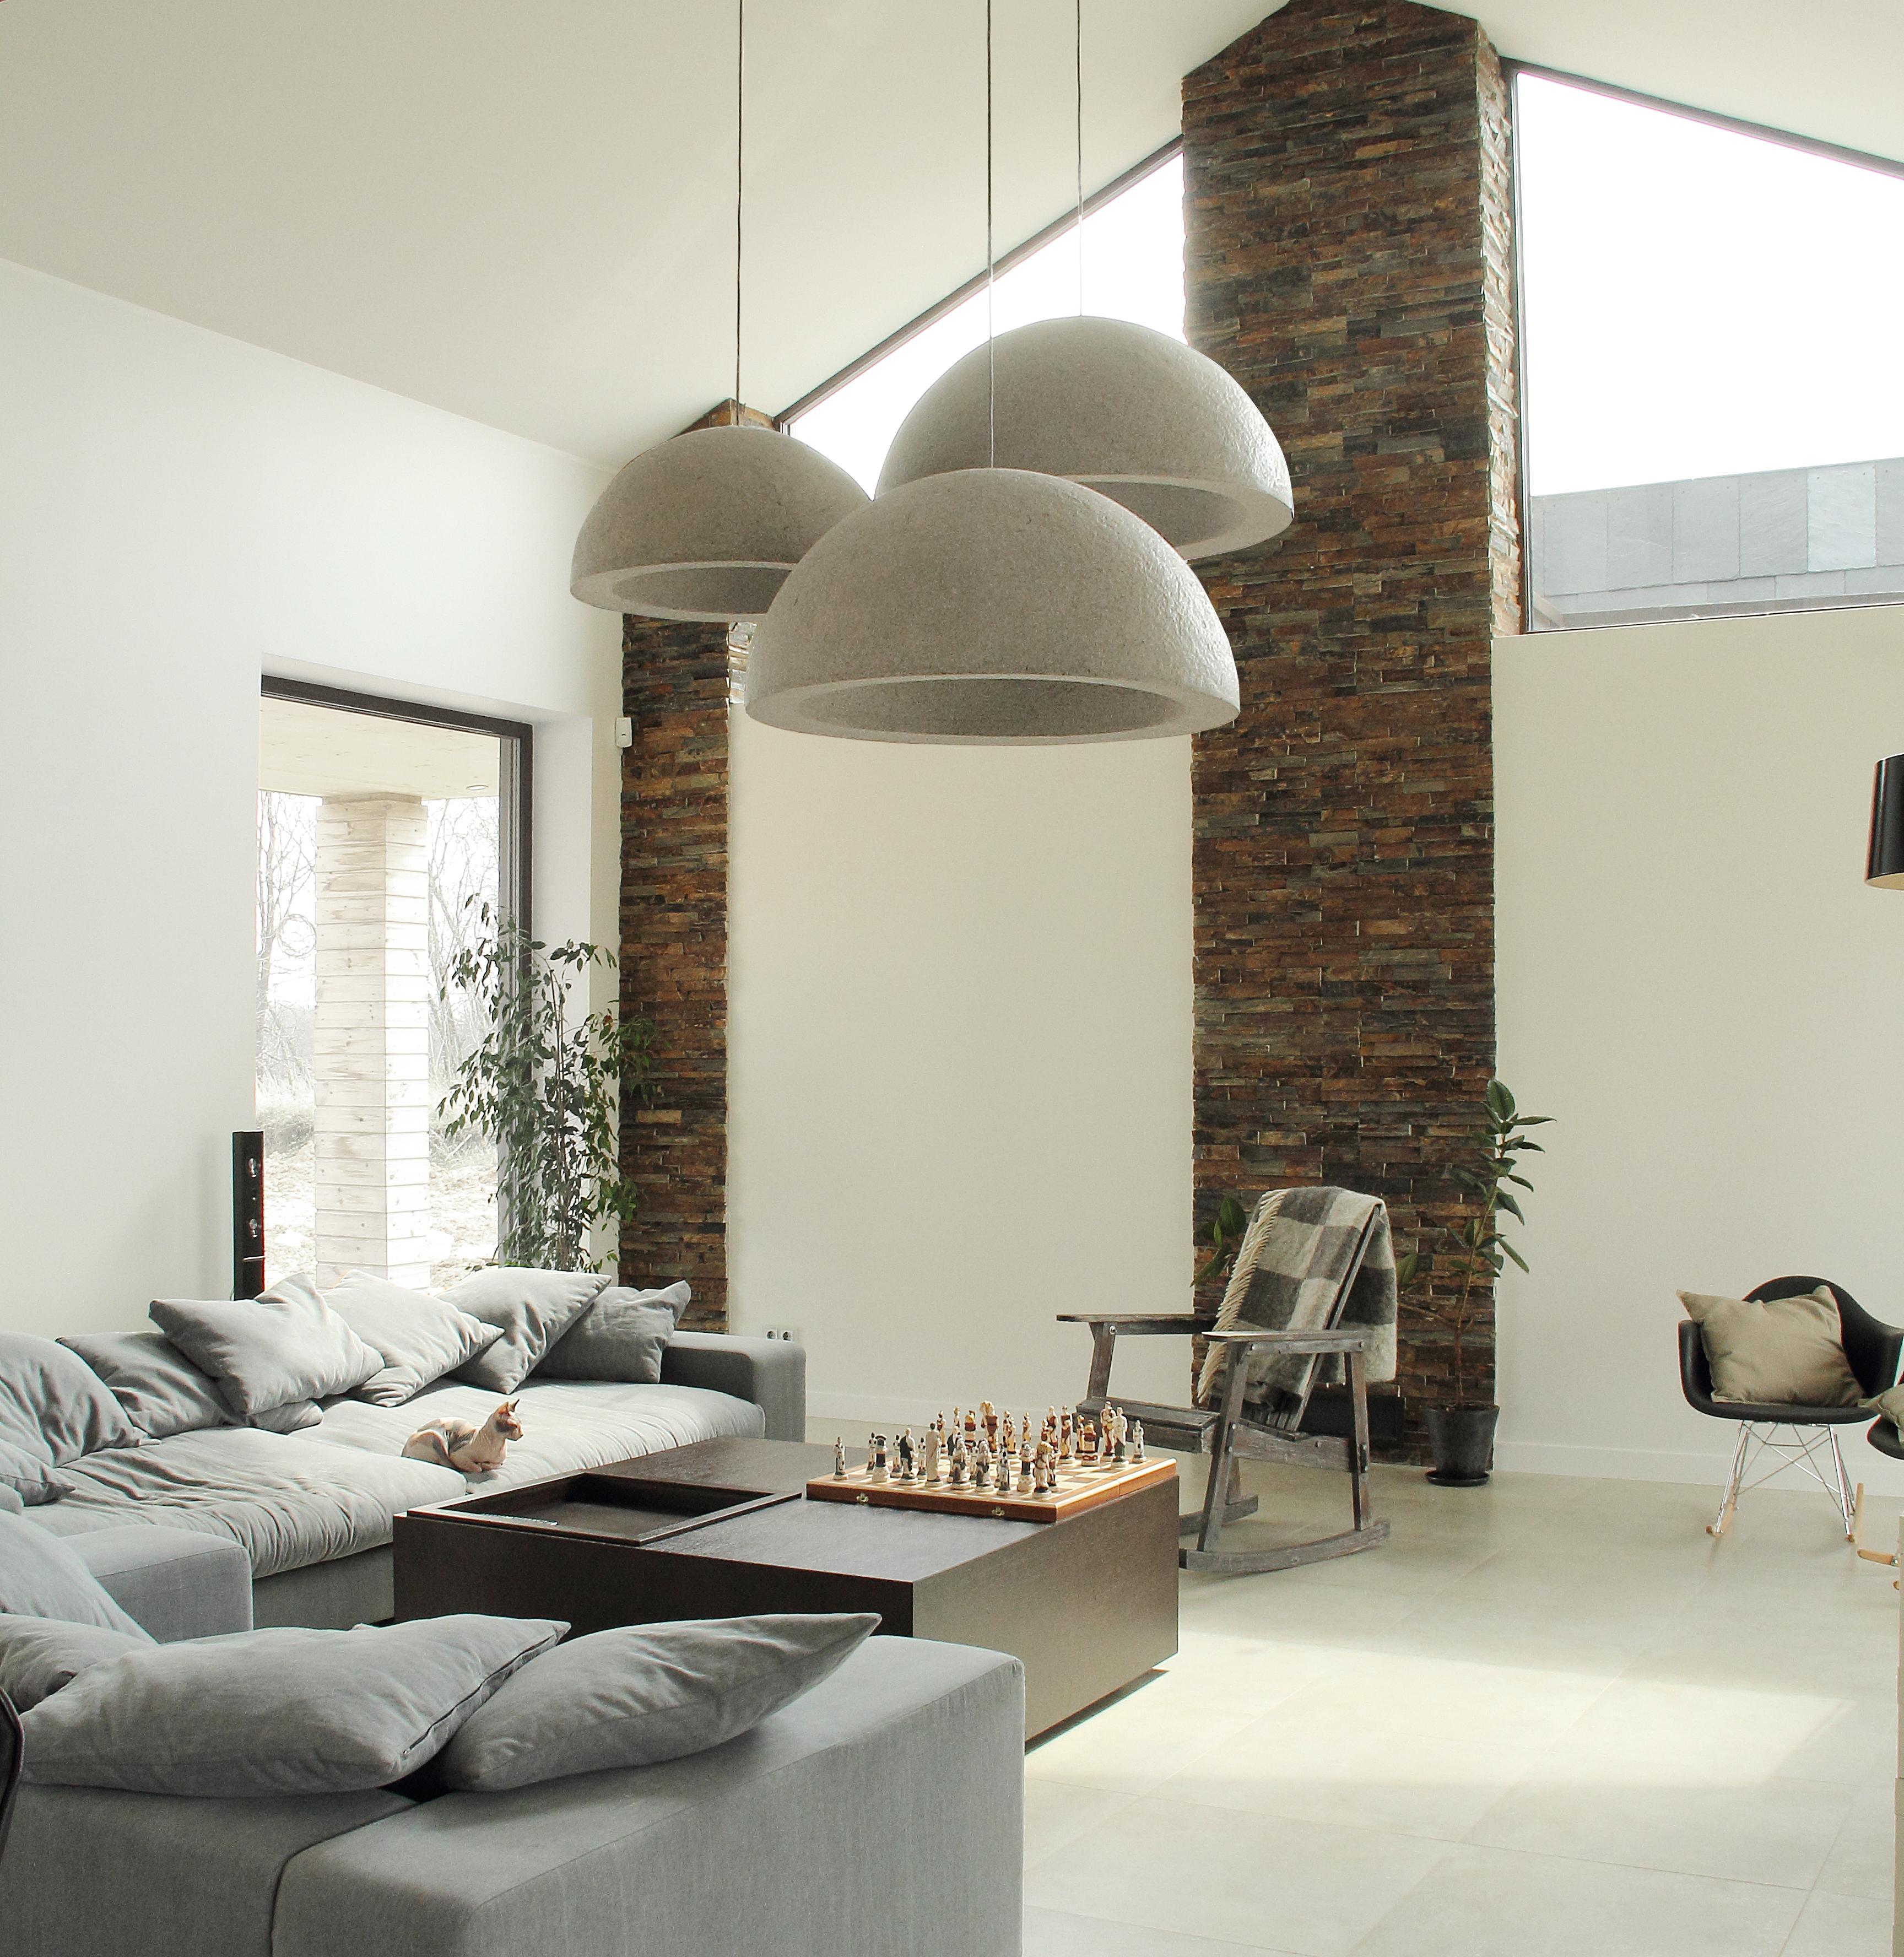 Wohnzimmer In Grau Mit Leuchten In Beton Optik